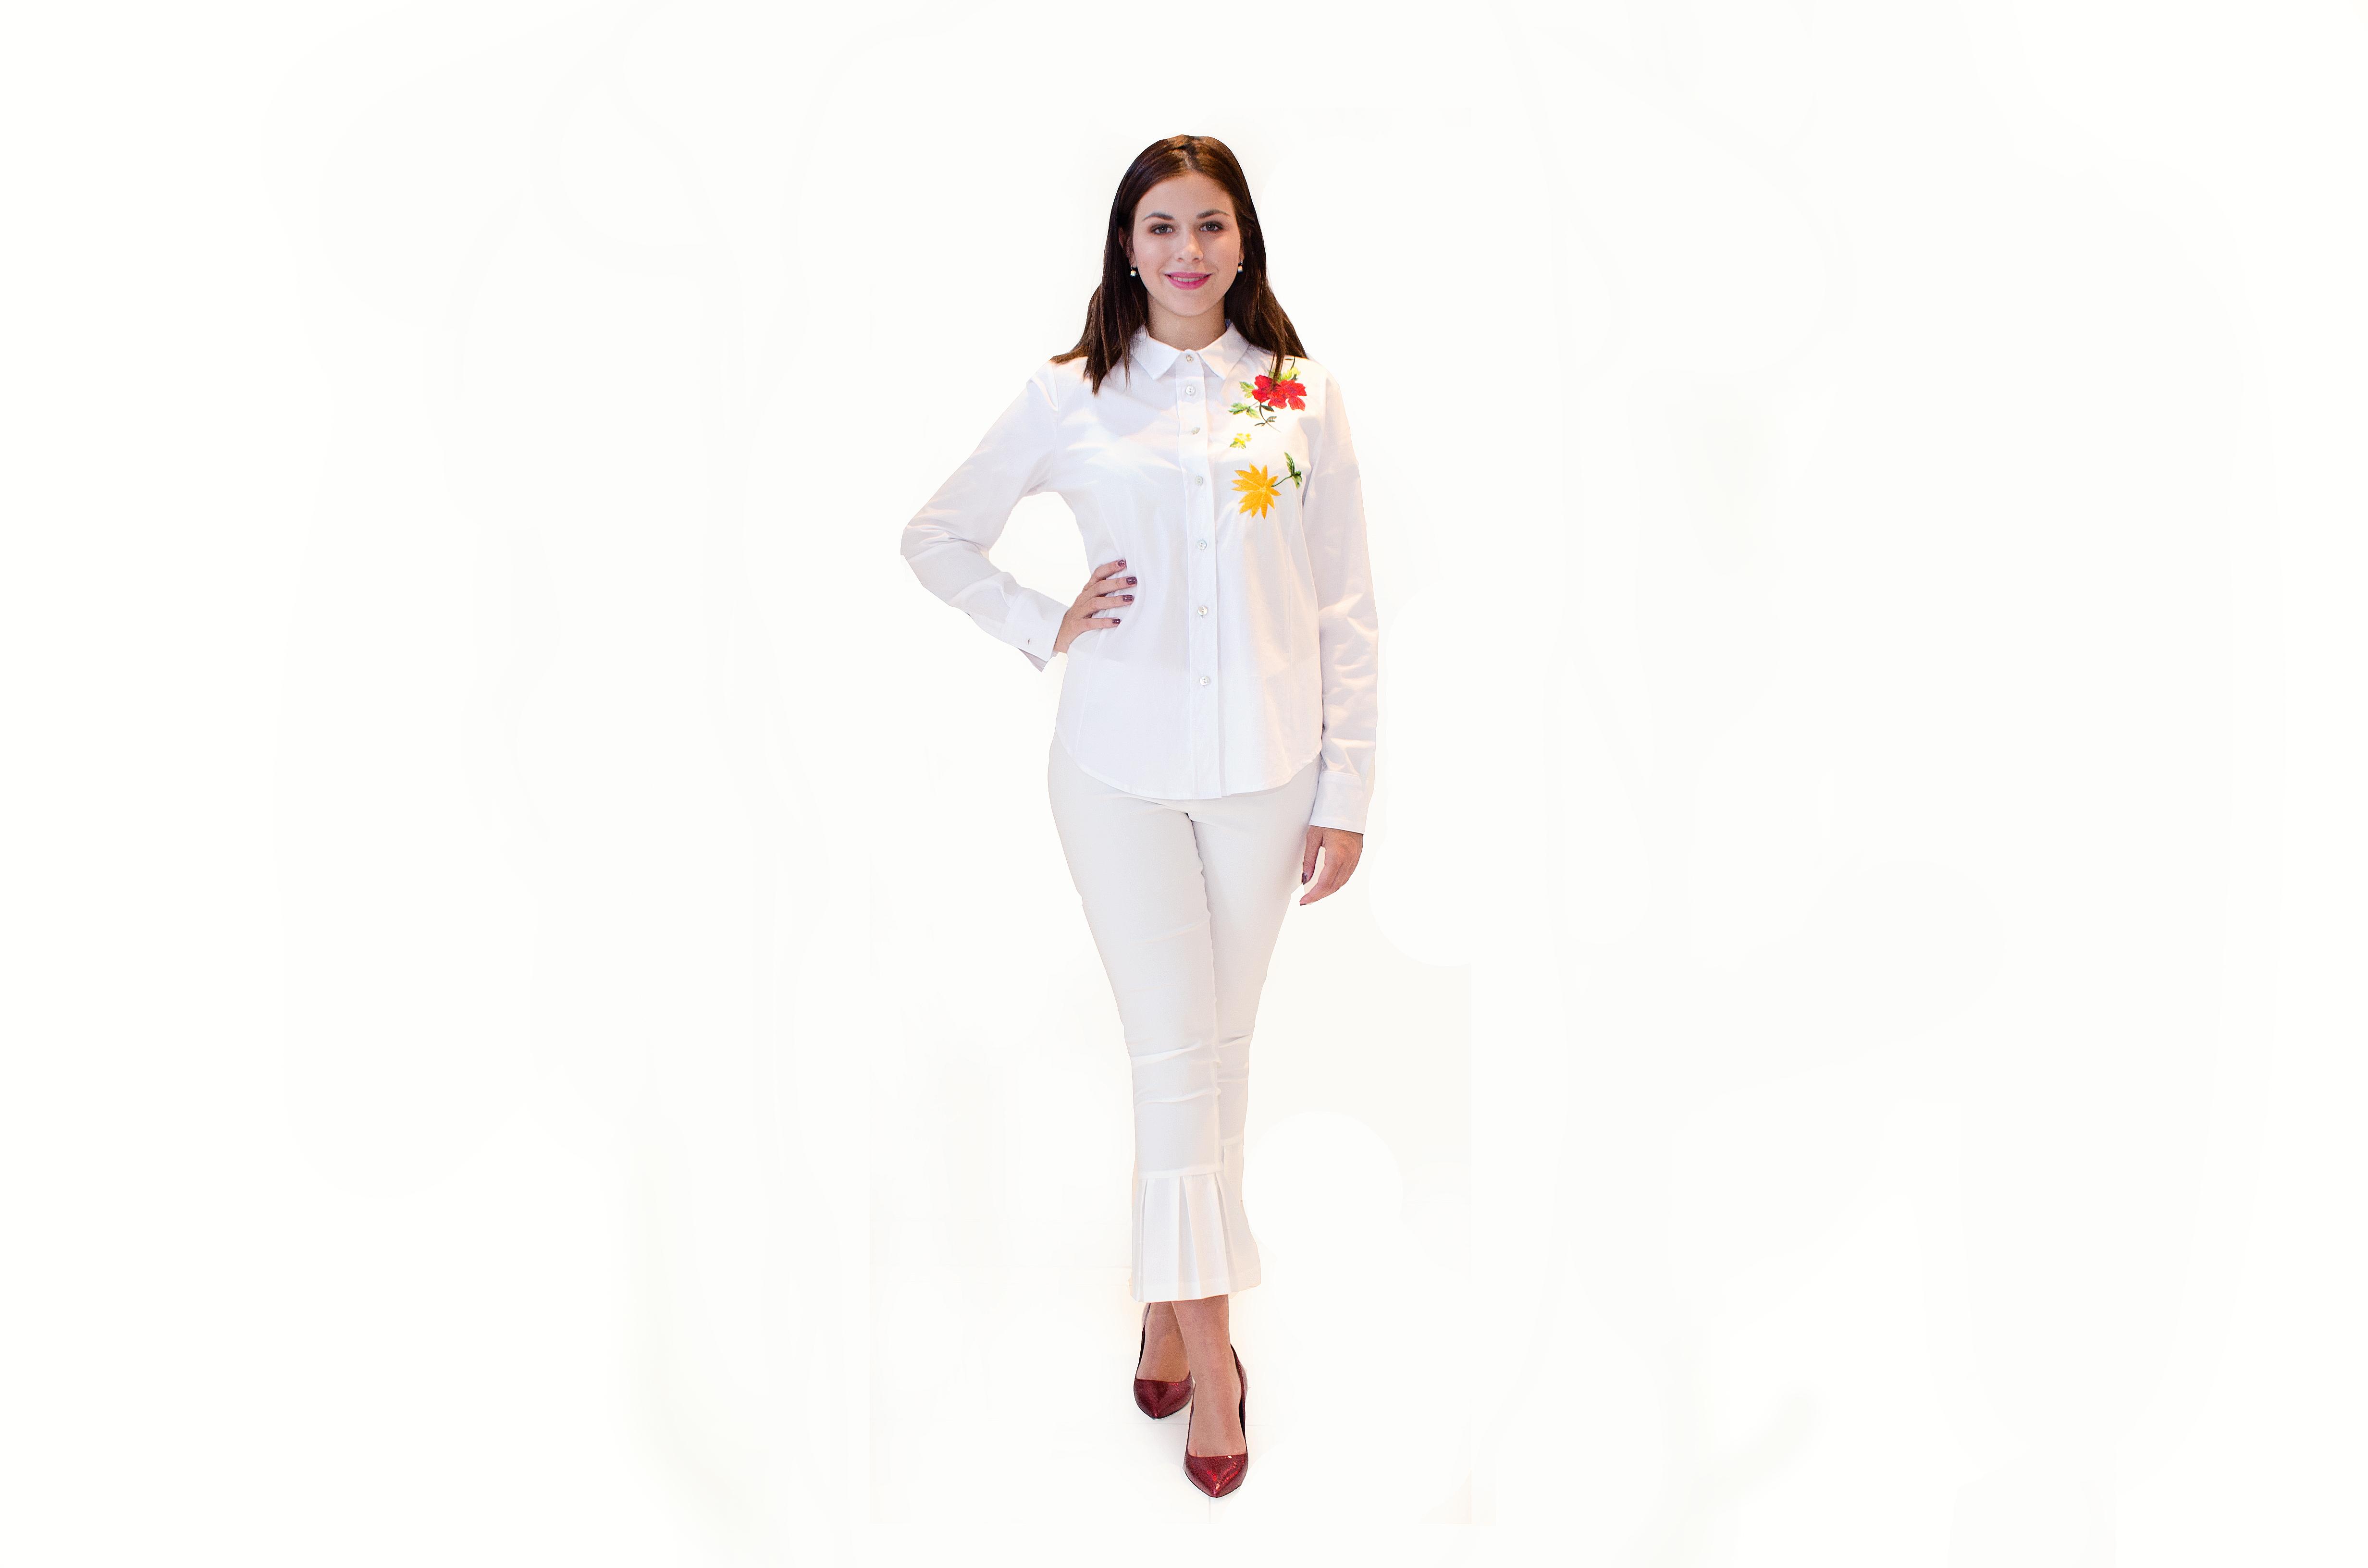 Bíla košile s výšivkou květů